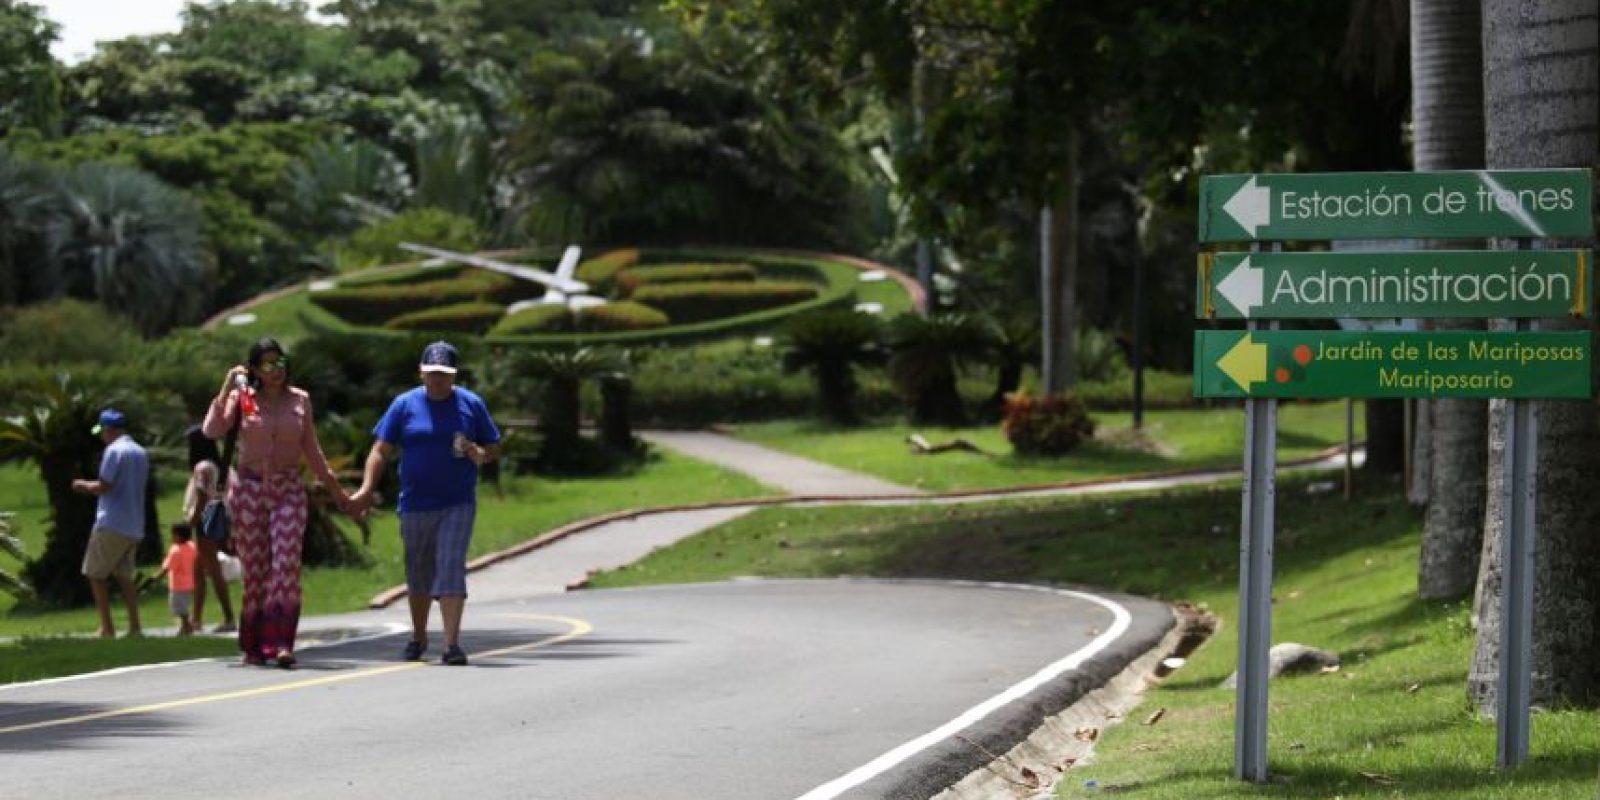 Muchas instituciones al momento de pensar en un lugar amplio para actividades empresariales y familiares eligen el Jardín Botánico. Foto:ROBERTO GUZMÁN